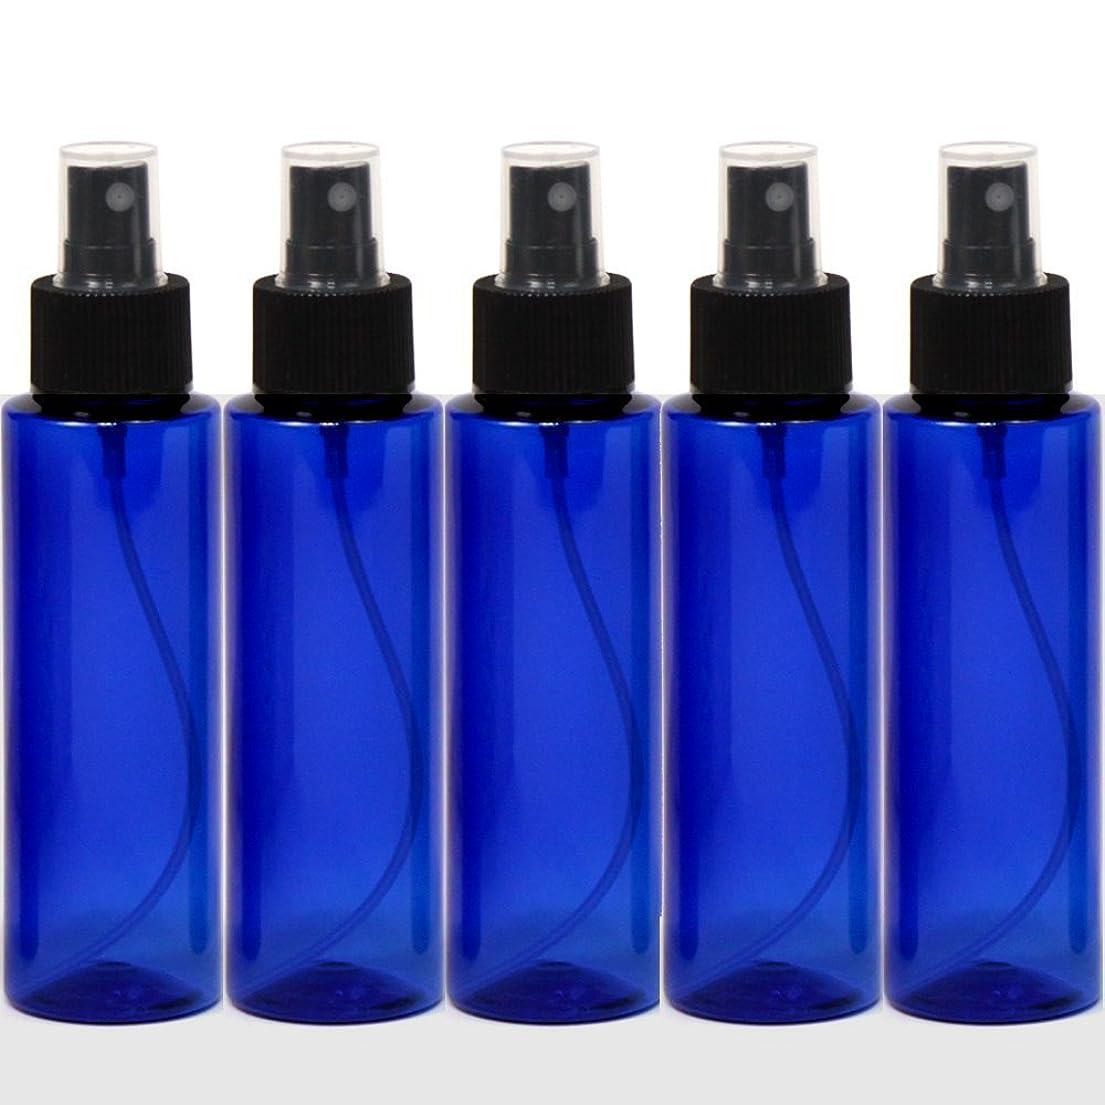 半導体シートアセスプレーボトル50mLブルー黒ヘッド5本ストレートペットボトル遮光性青色おしゃれ容器bu50sbk5